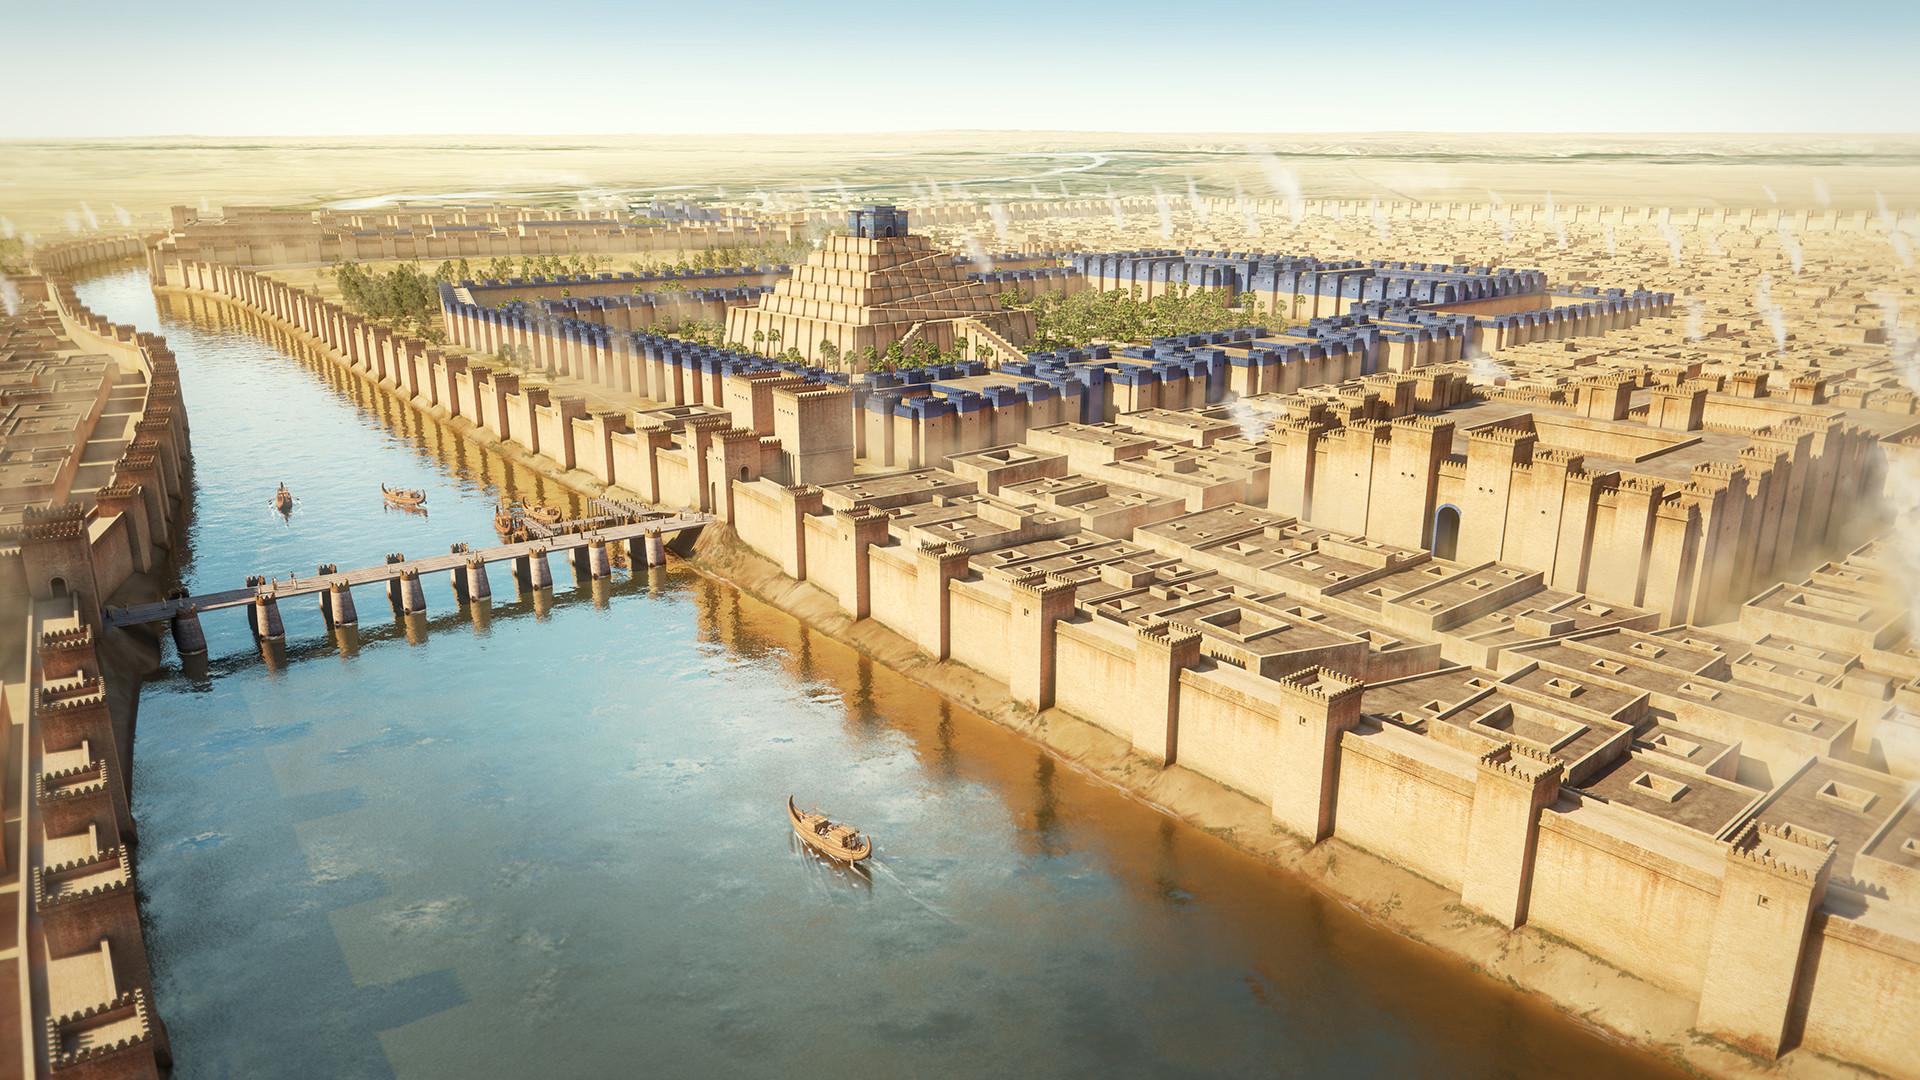 J r casals babilonia temples v01 post02 artstation